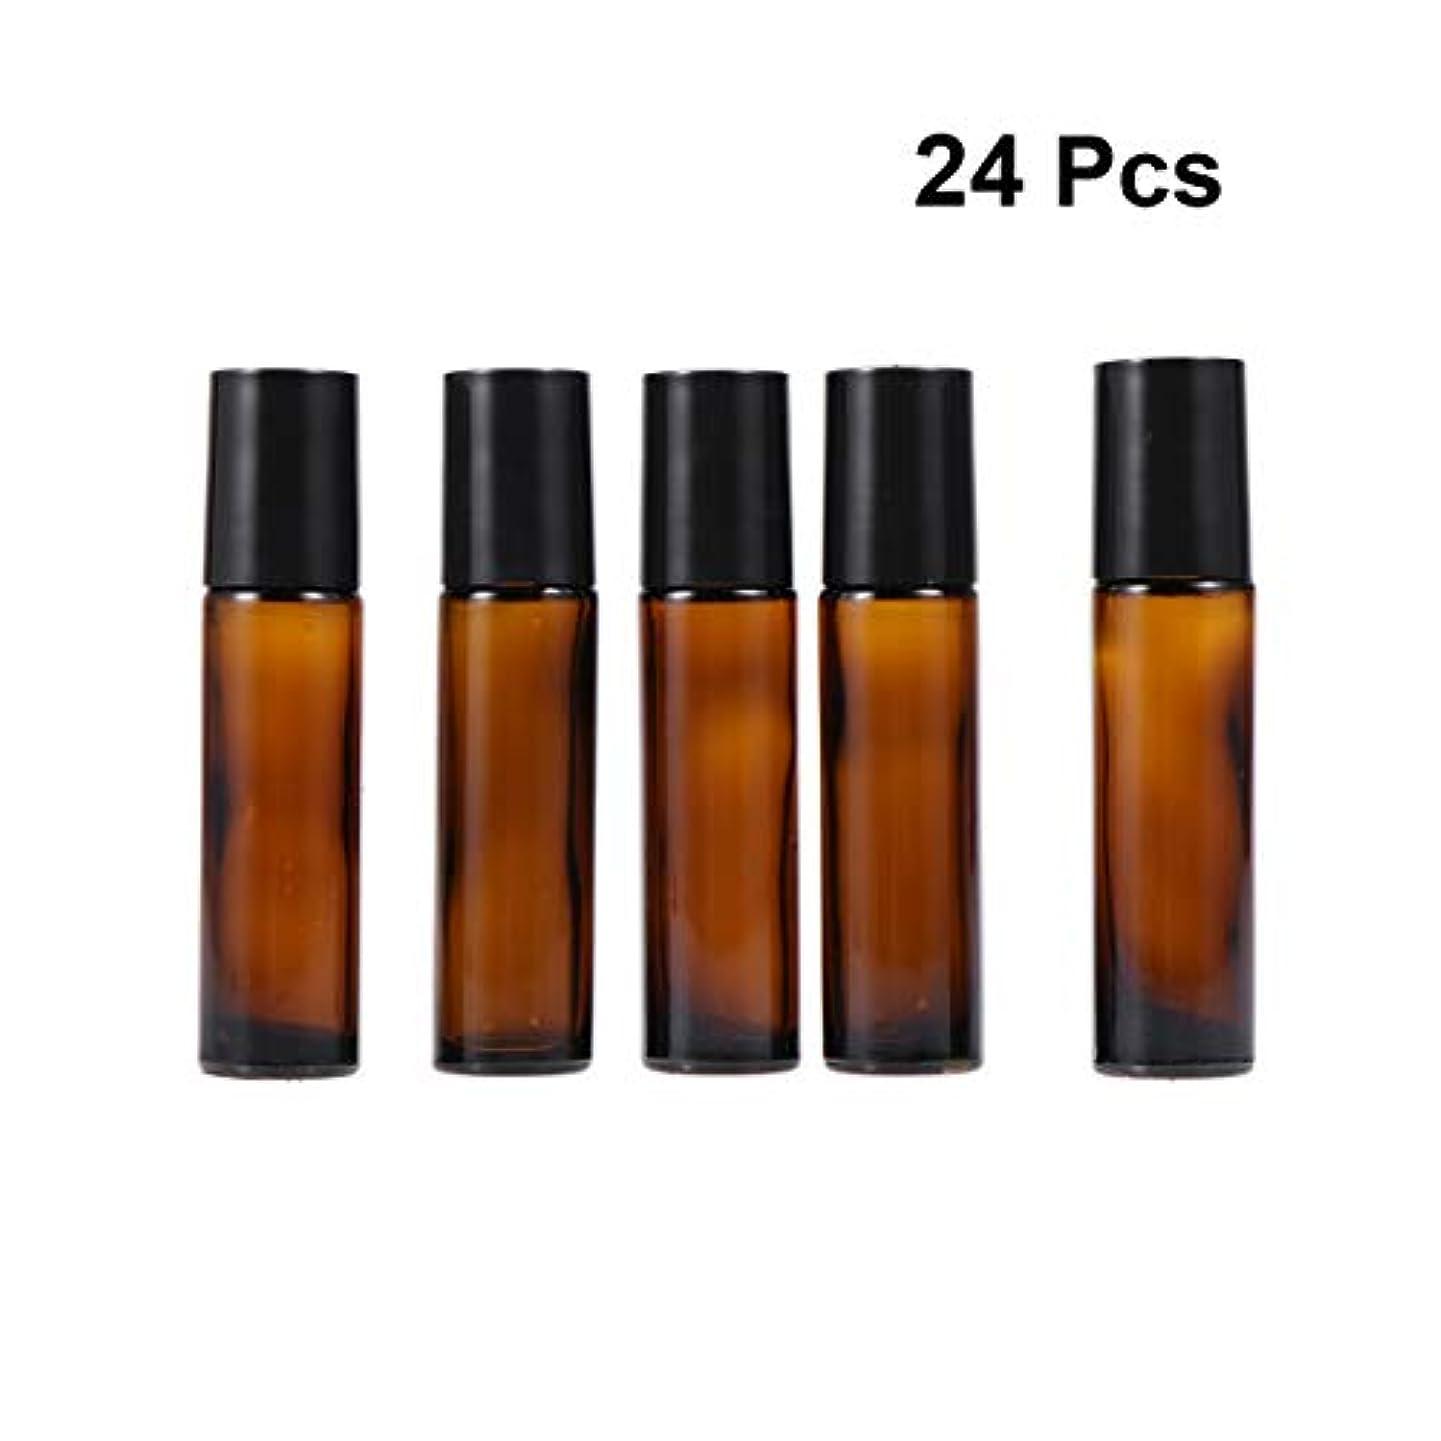 アルファベットギネスコロニアルiplusmile ロール ボトル 遮光瓶 ガラスロール 10ml 精油 香水 小分け用 アロマボトル 保存容器 携帯用 出張 海外旅行 24本セット